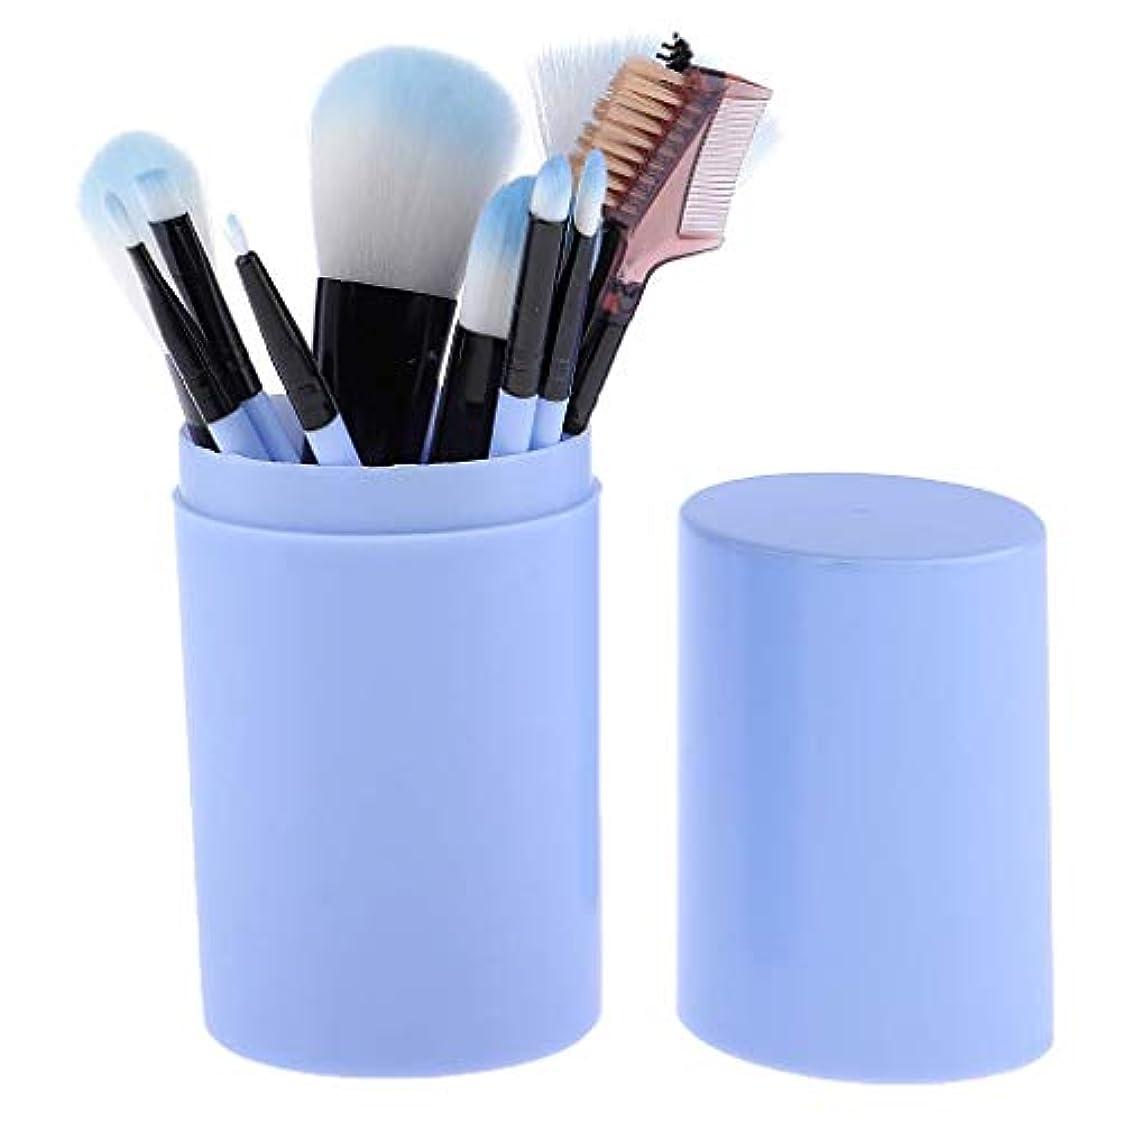 私たちカブ移民Makeup brushes 青、スミアのようなリアルな、持ち運びに快適、収納バケット付き化粧ブラシセット付き12ピース高品質木製ハンドル化粧ブラシセット suits (Color : Blue)